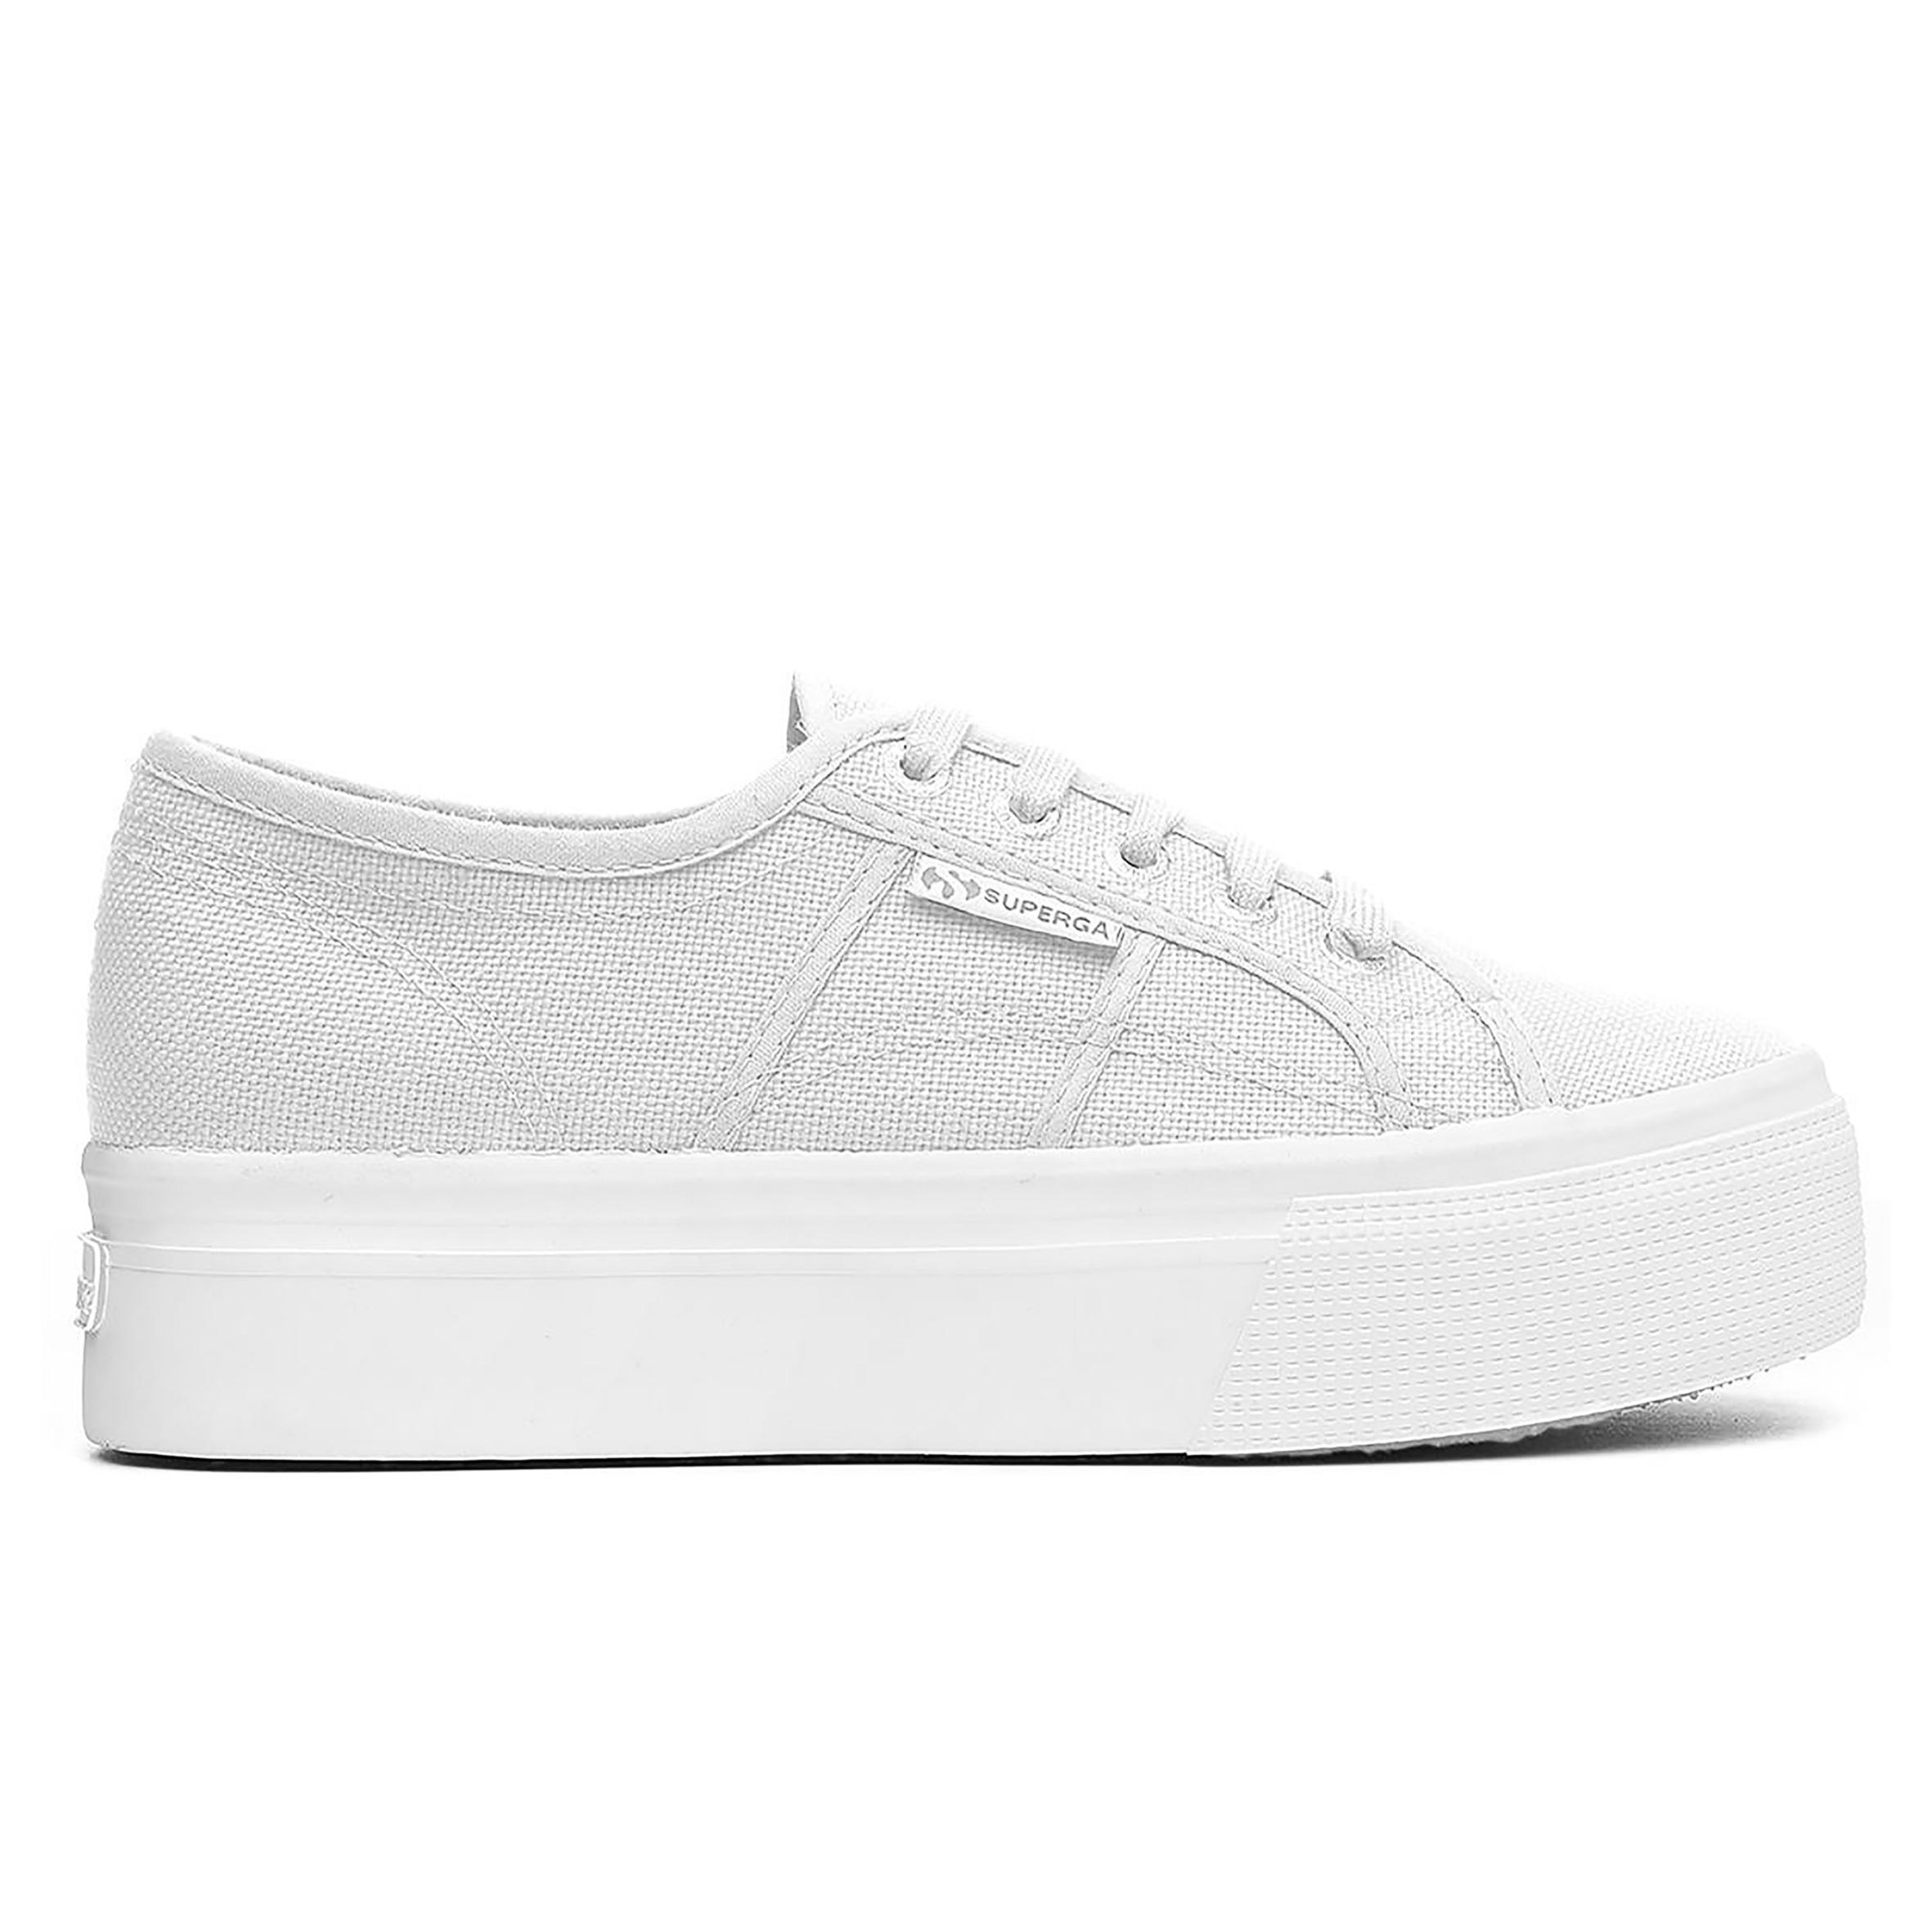 bff098b4 2790 Acotw Linea - Sneakers